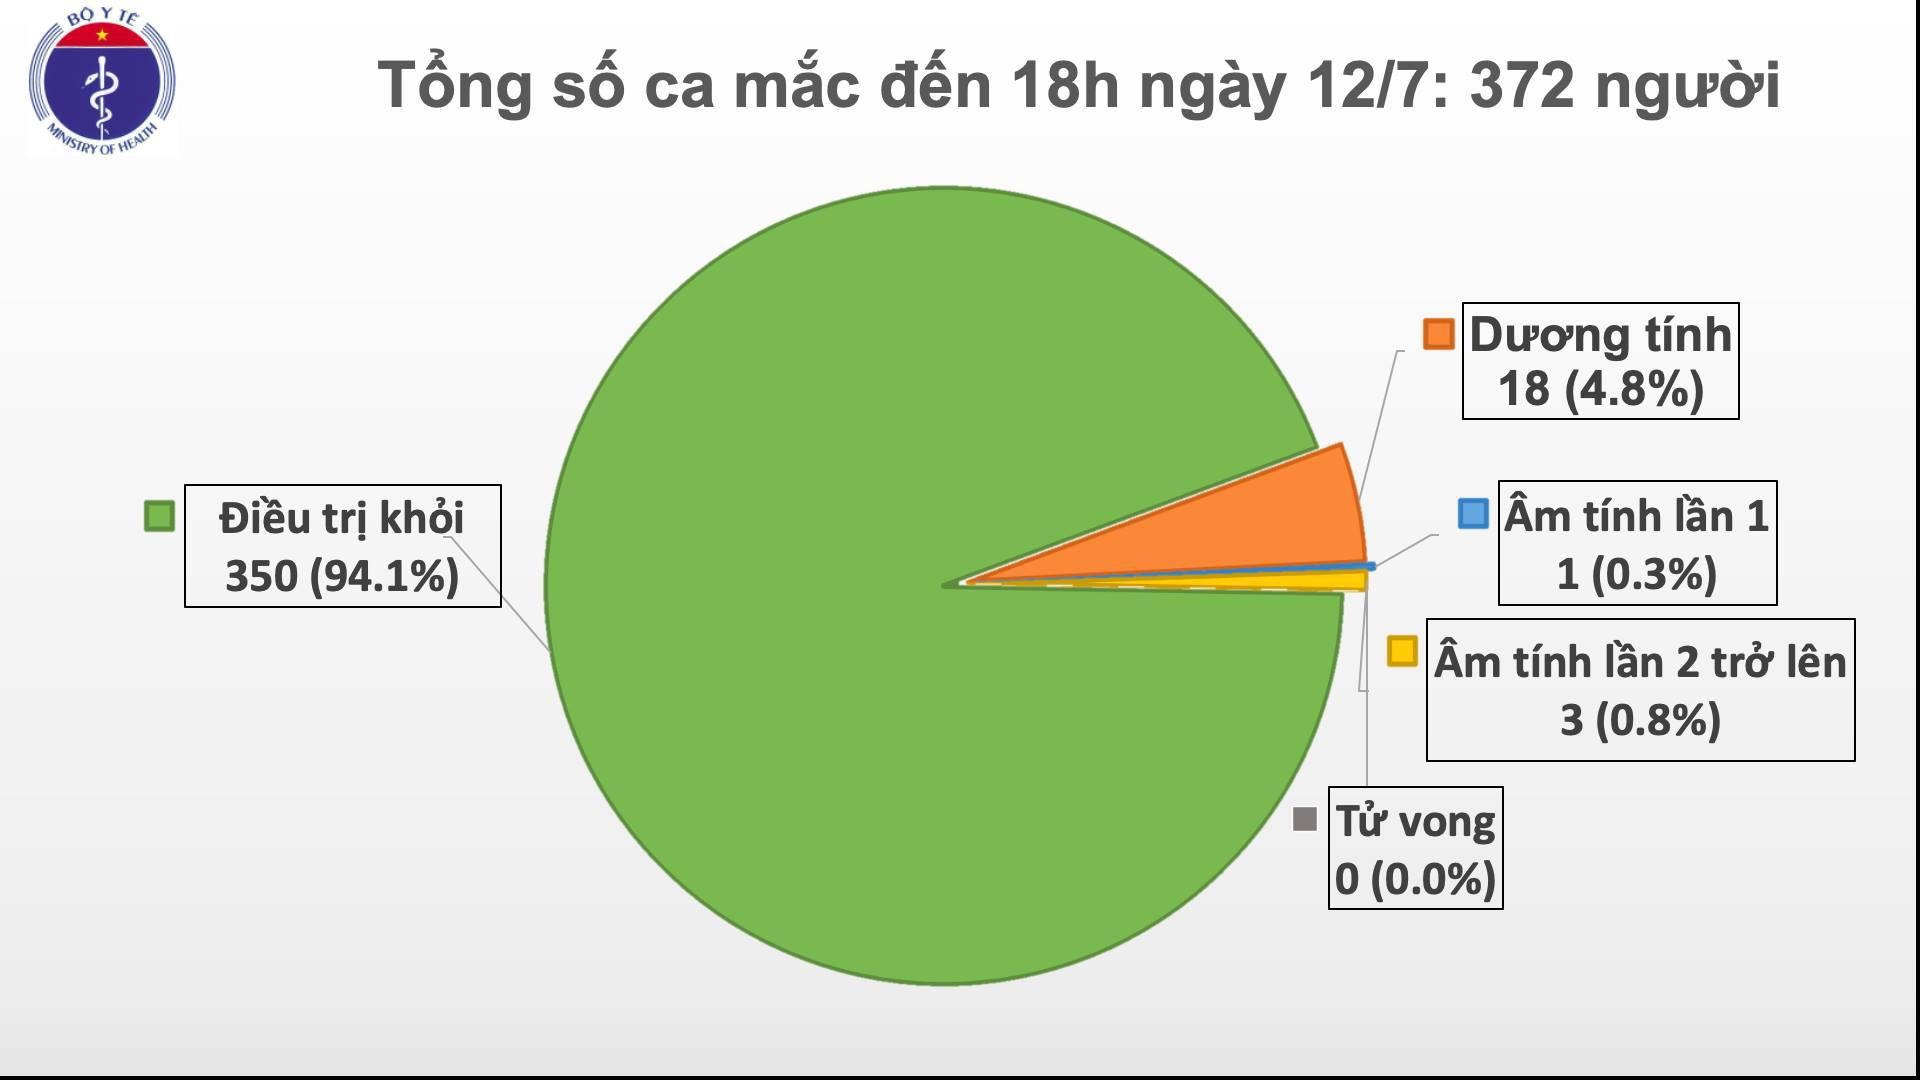 Bộ Y tế công bố 2 ca mắc mới Covid19 Việt Nam có 372 ca bệnh